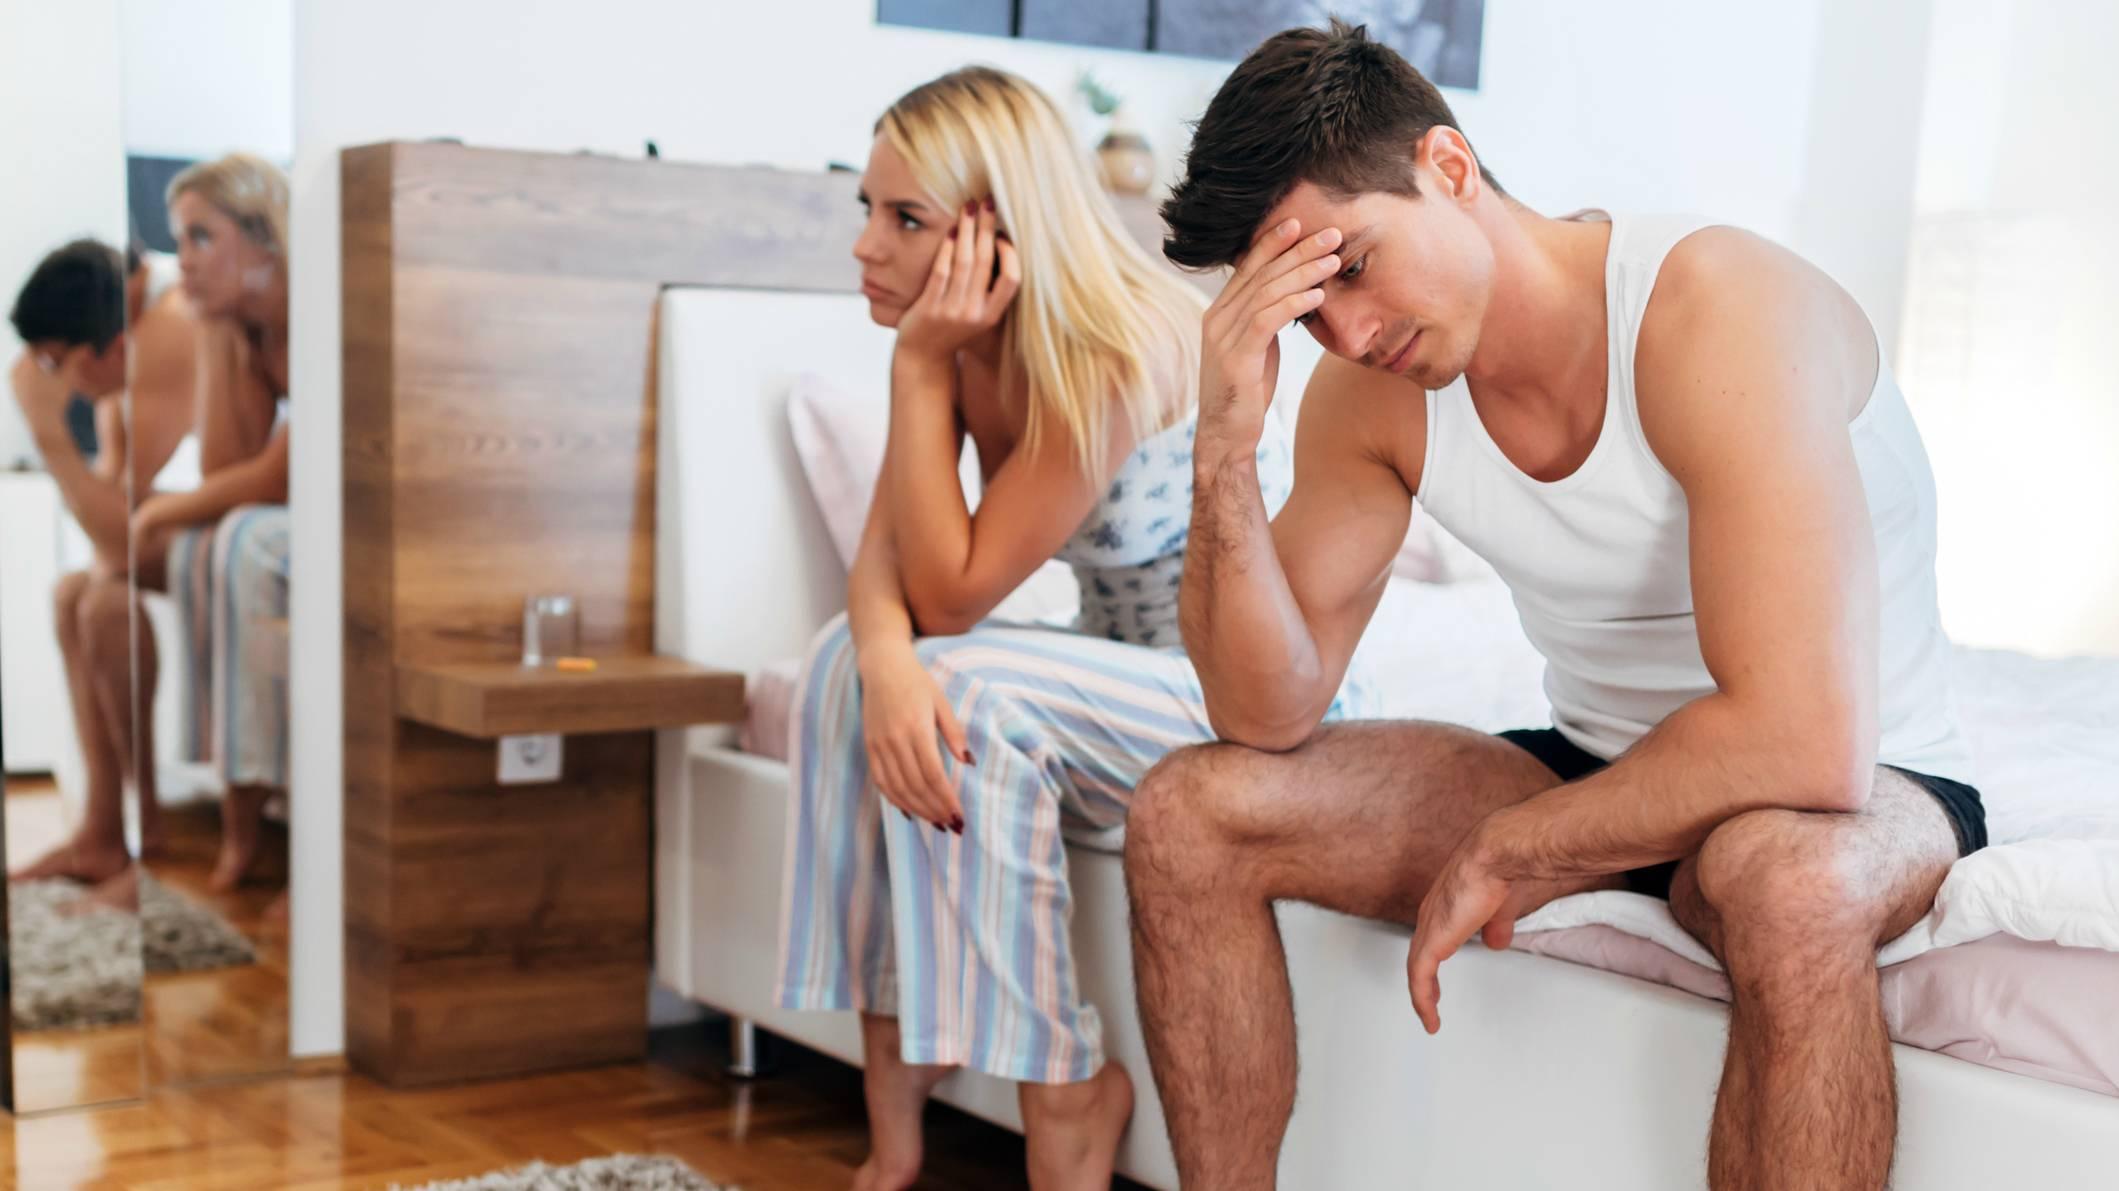 helyreállítani az erekciót otthon mit kell tenni, ha az óvszerben nincs erekció